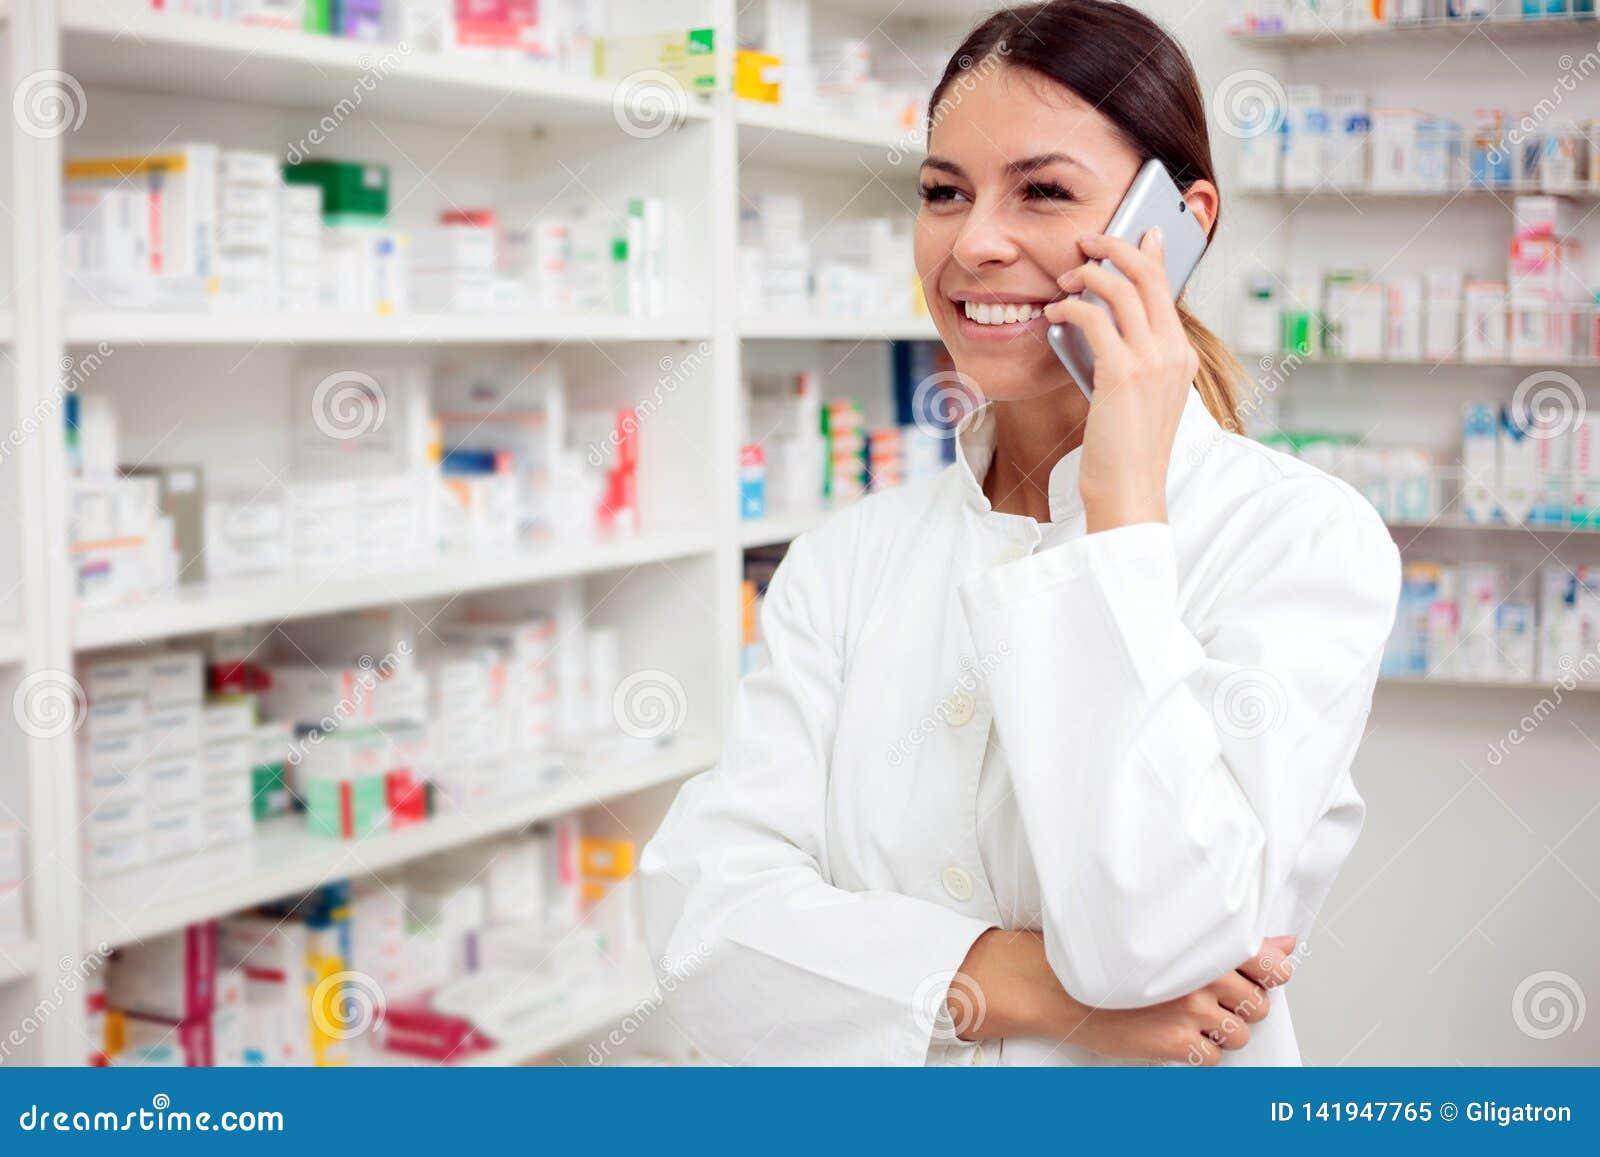 Χαμογελώντας νέος θηλυκός φαρμακοποιός που μιλά στο τηλέφωνο